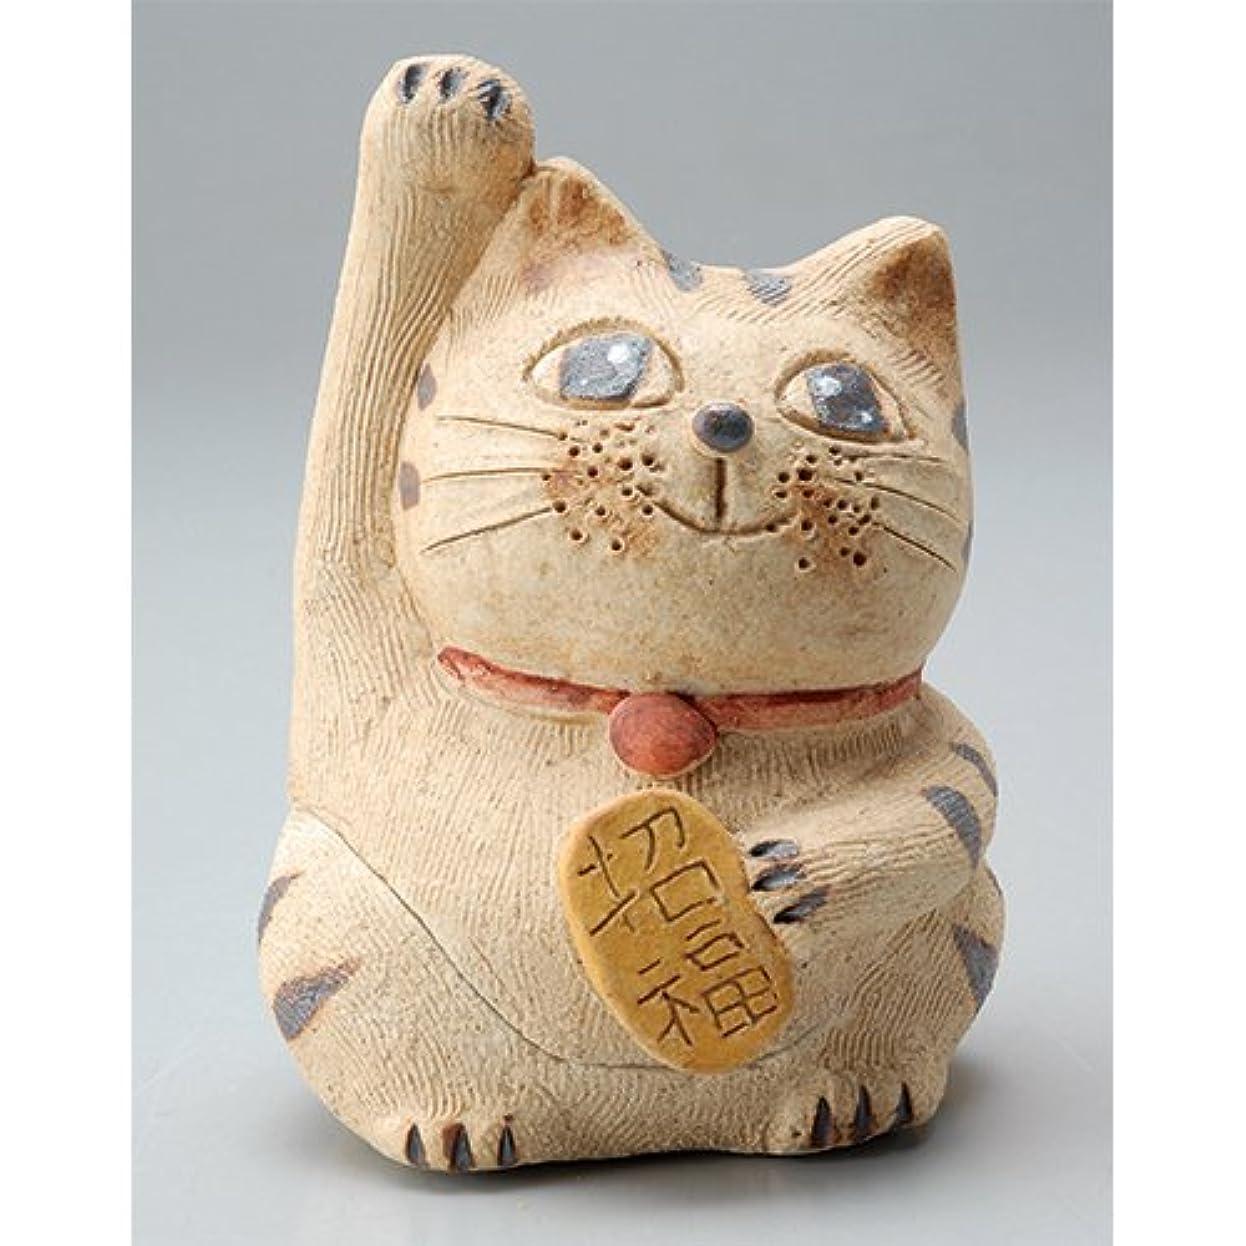 助手エンジニアリング勘違いする香炉 円な瞳招き猫(お金招き)香炉(小) [H8.5cm] HANDMADE プレゼント ギフト 和食器 かわいい インテリア